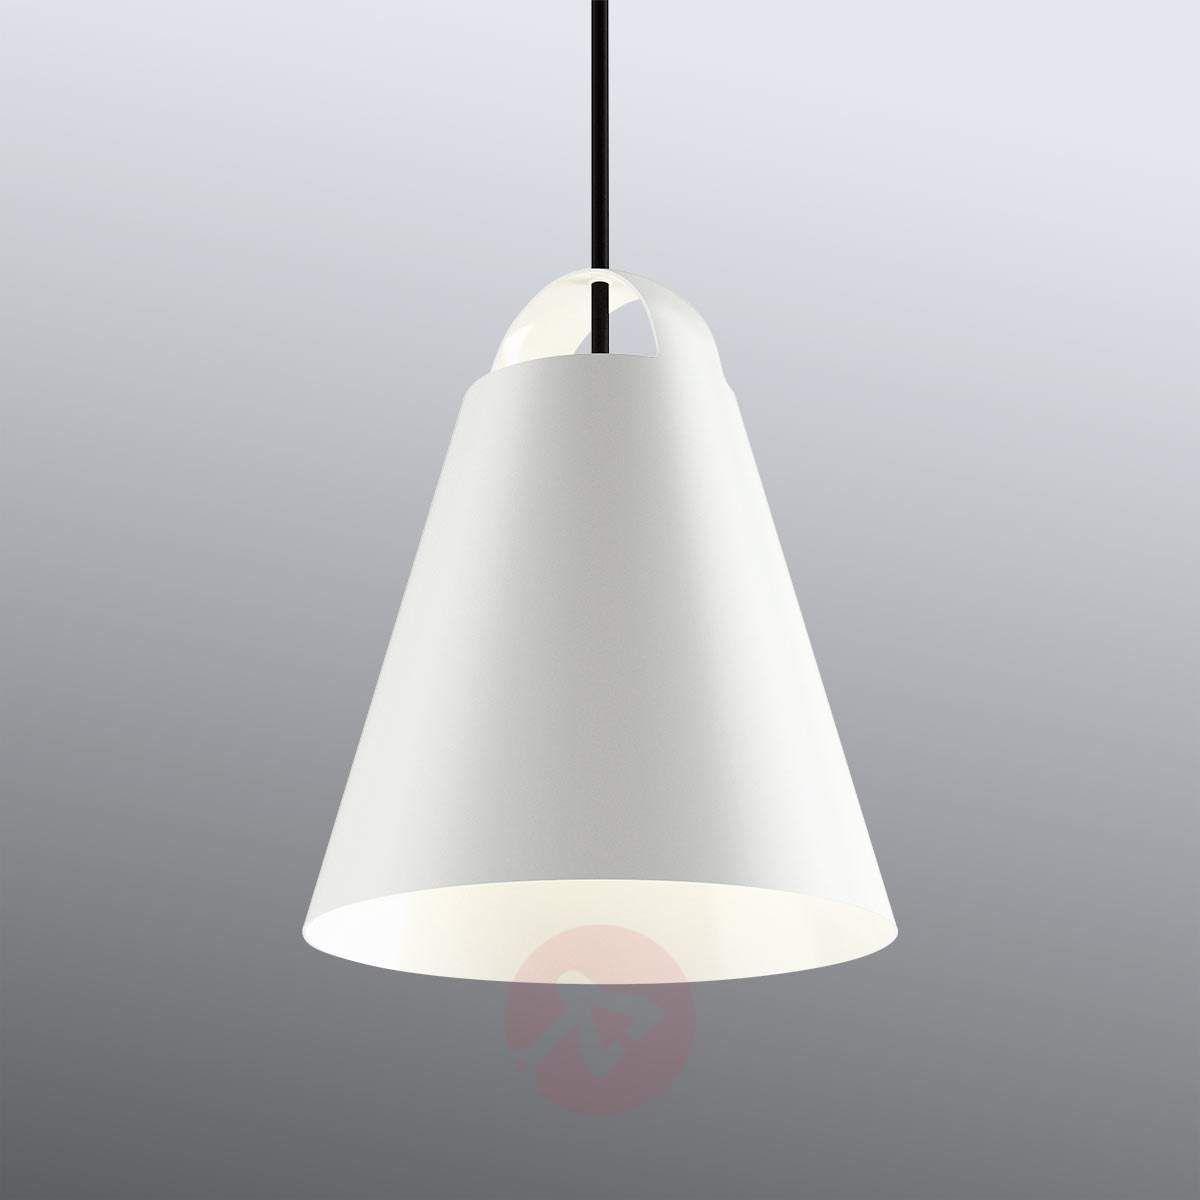 Louis Poulsen Above Lampa Wisząca Biała 25 Cm W 2019